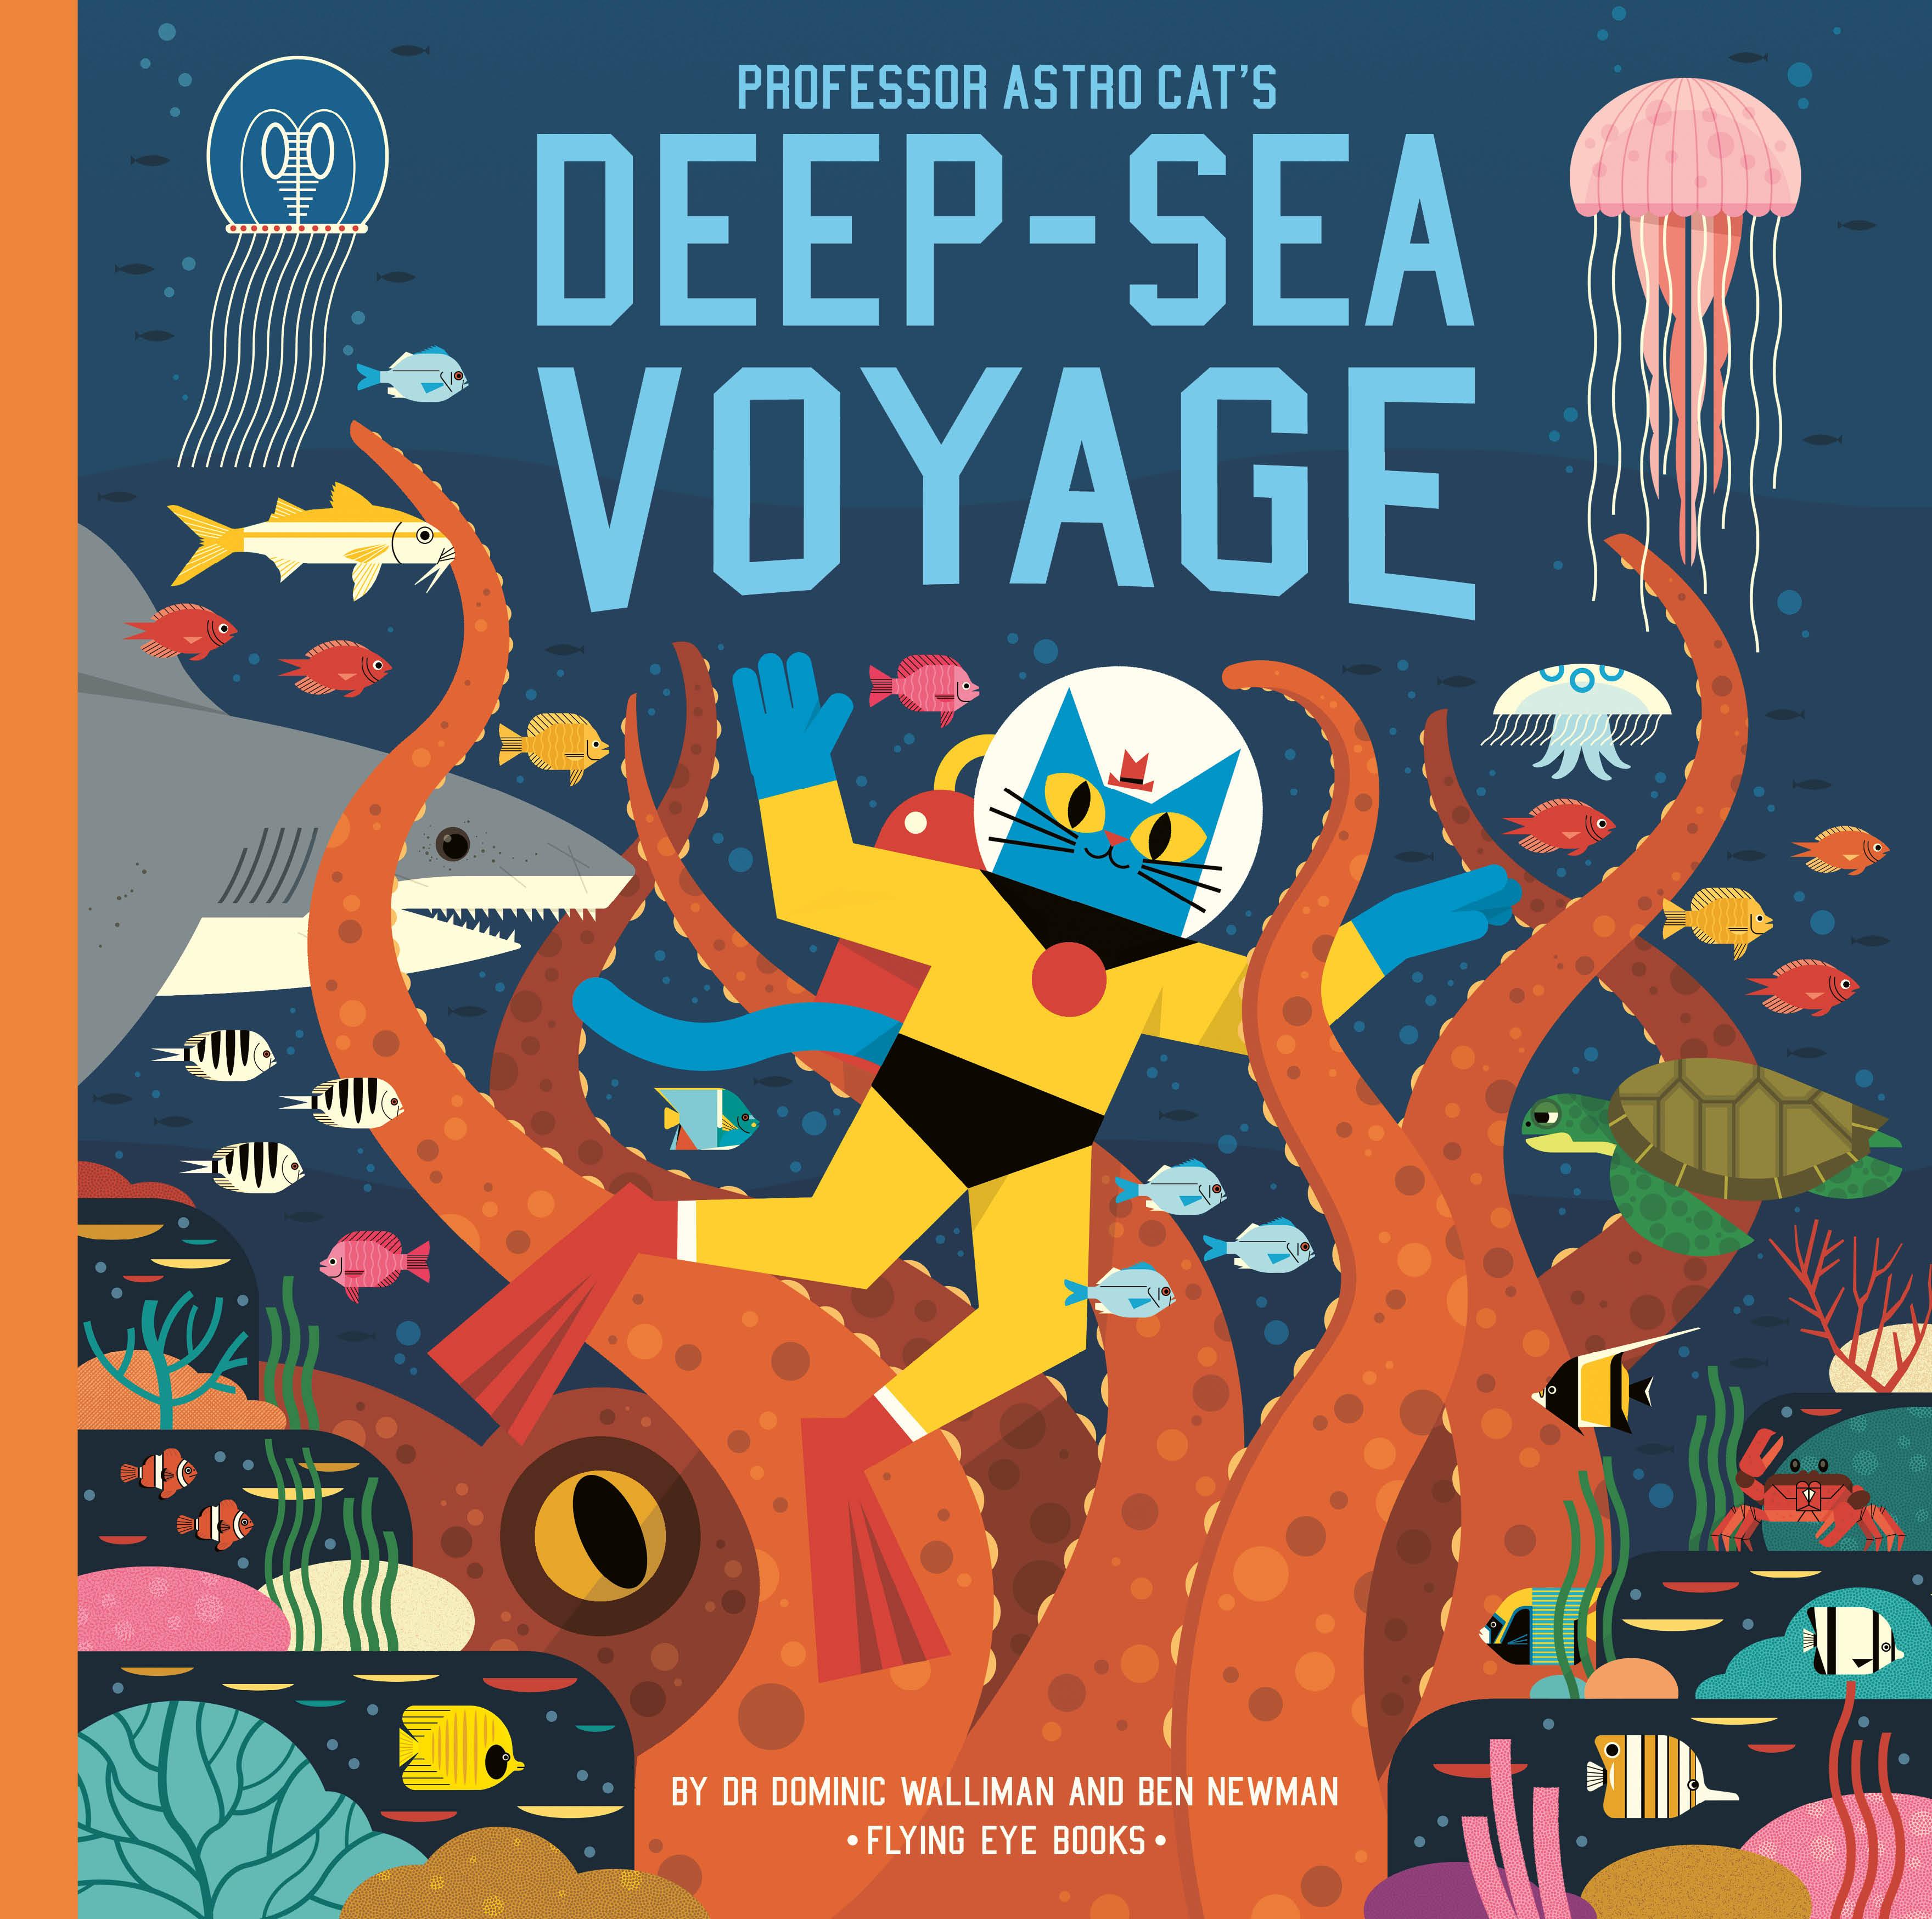 Professor Astro Cat: Deep-Sea Voyage